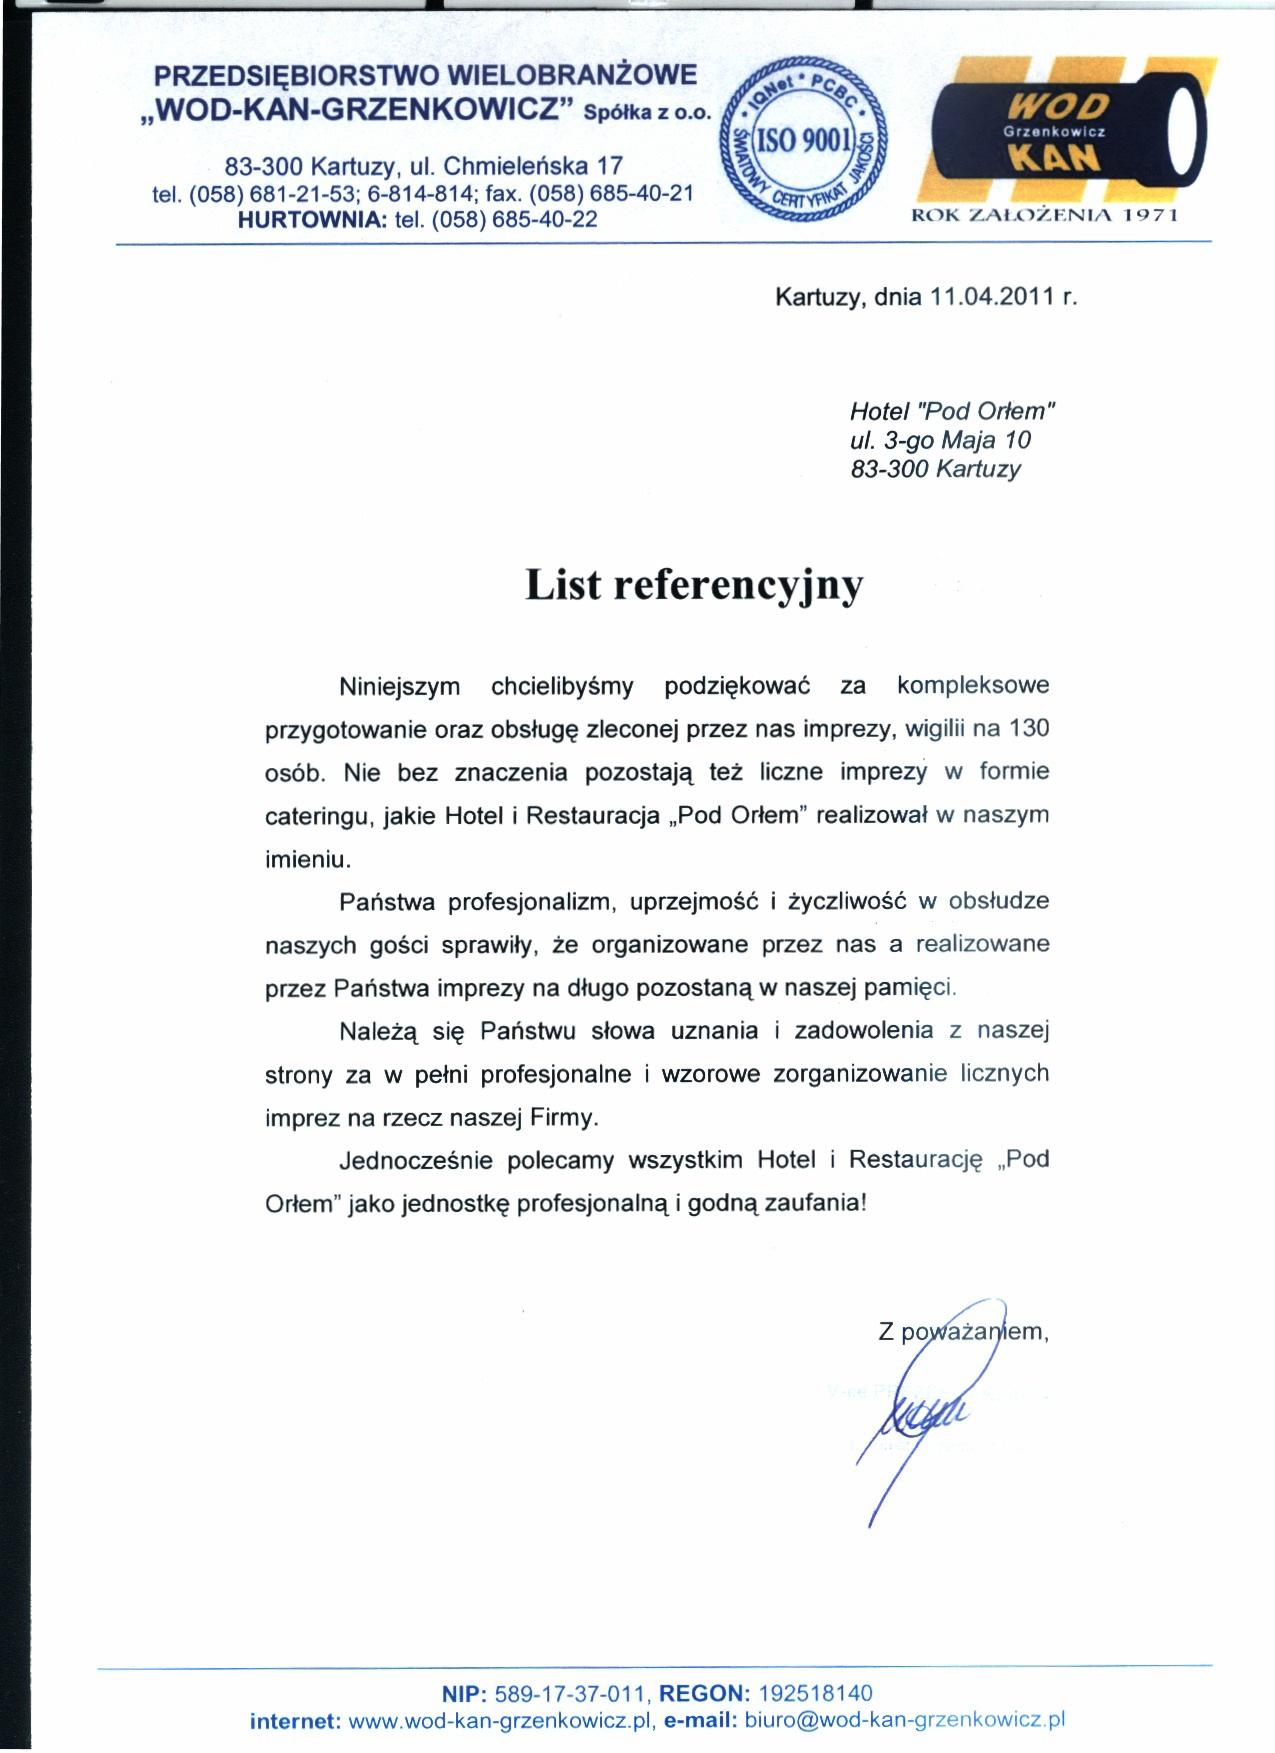 List_referencyjny1_Wod_Kan